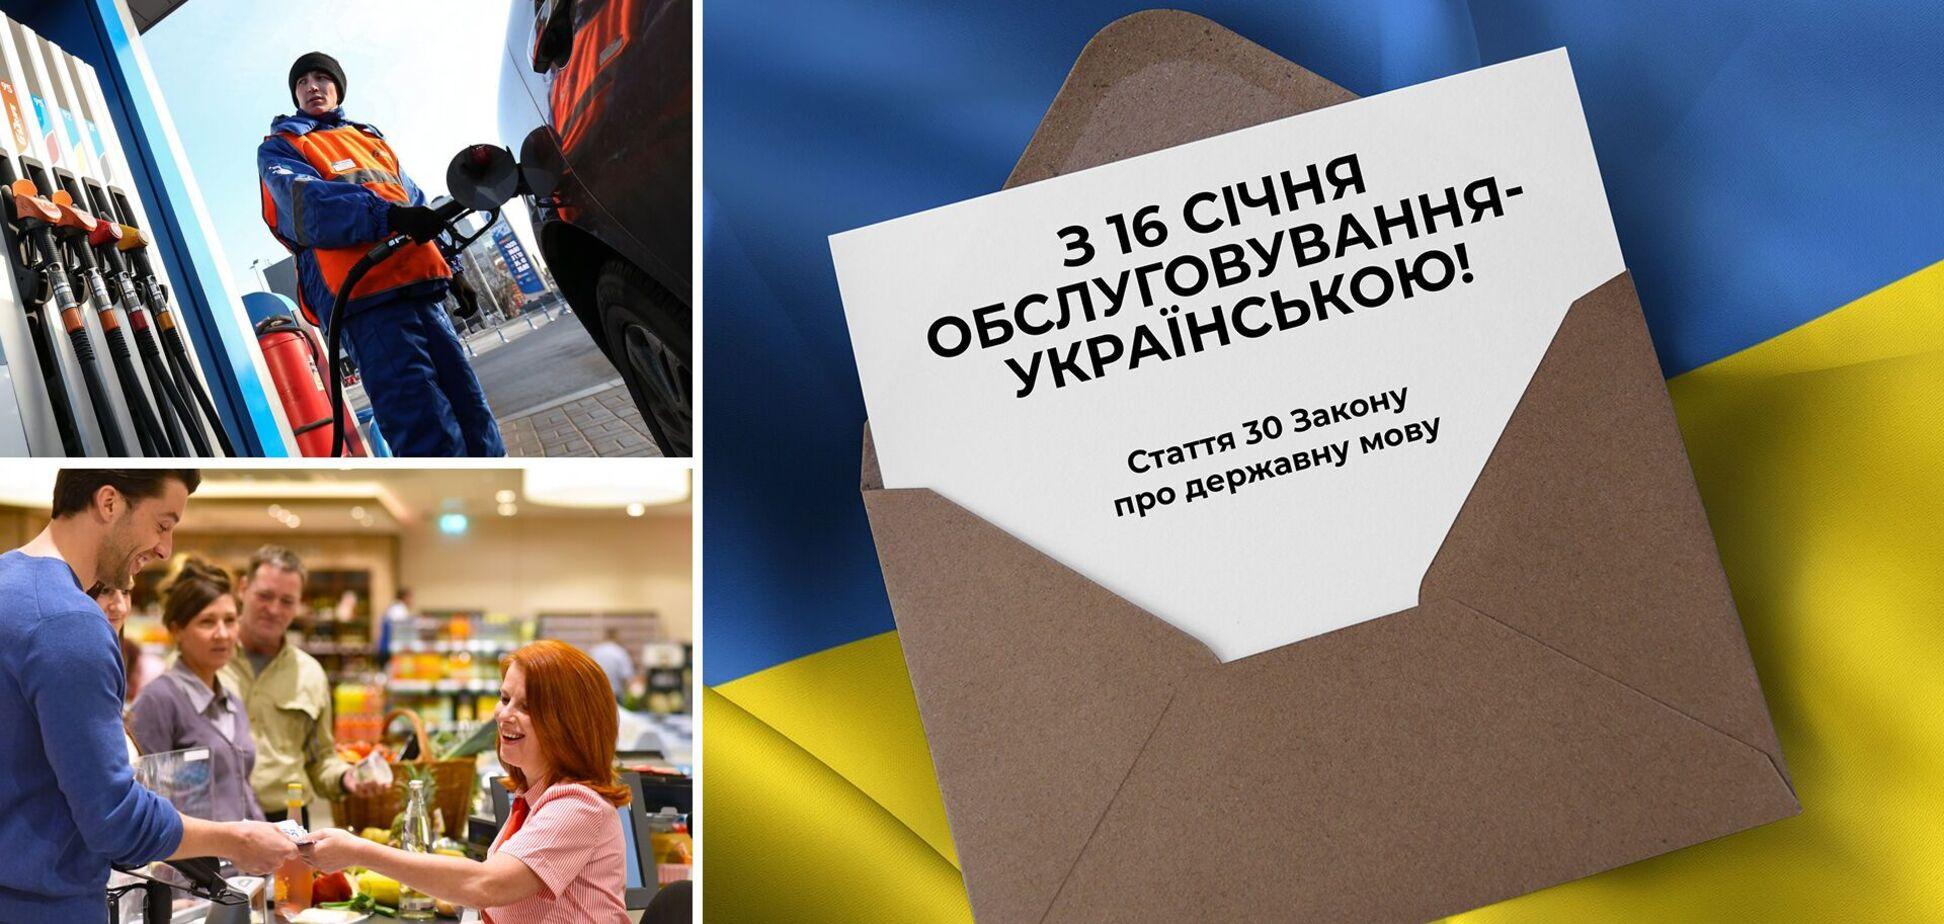 Сфера обслуживания переходит полностью на украинский язык